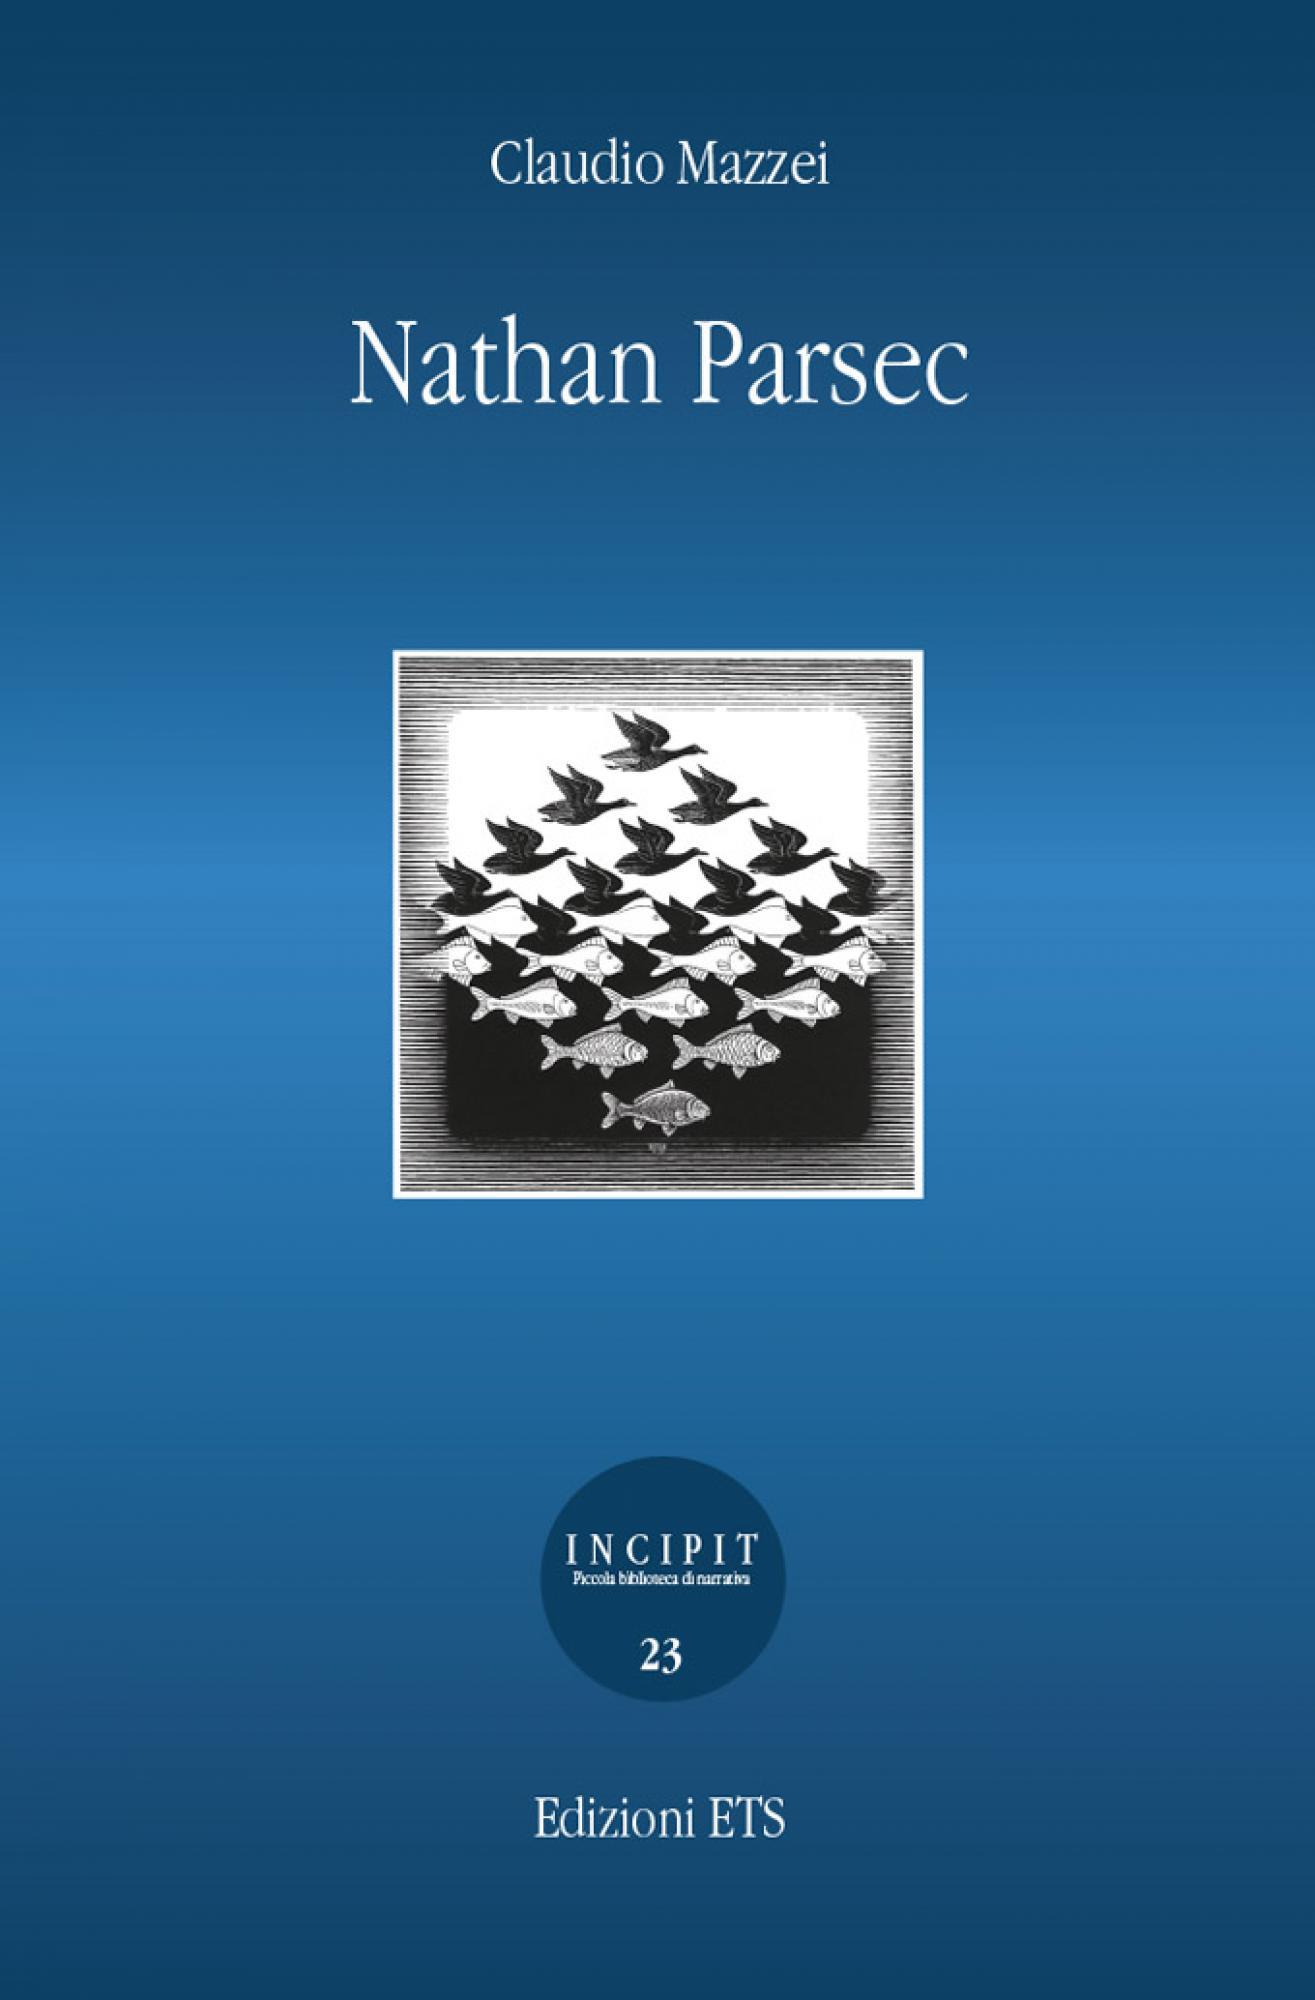 Nathan Parsec